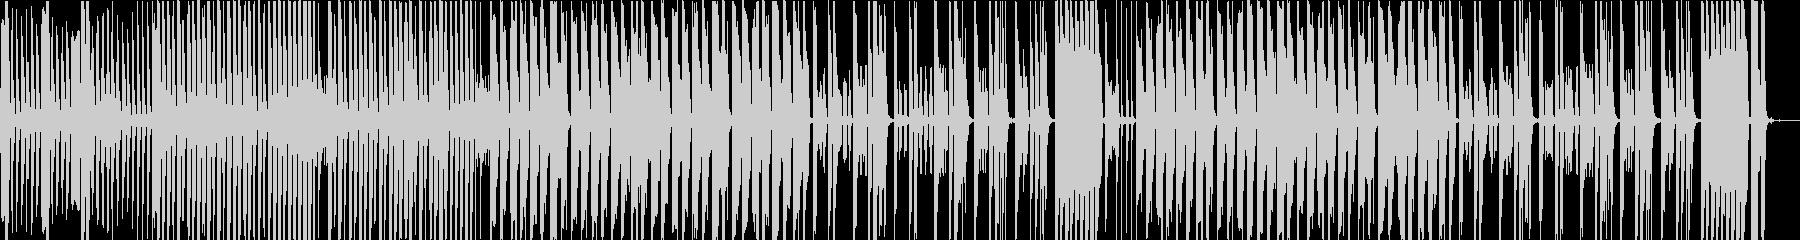 コミカル、チープな感じの日常BGMの未再生の波形